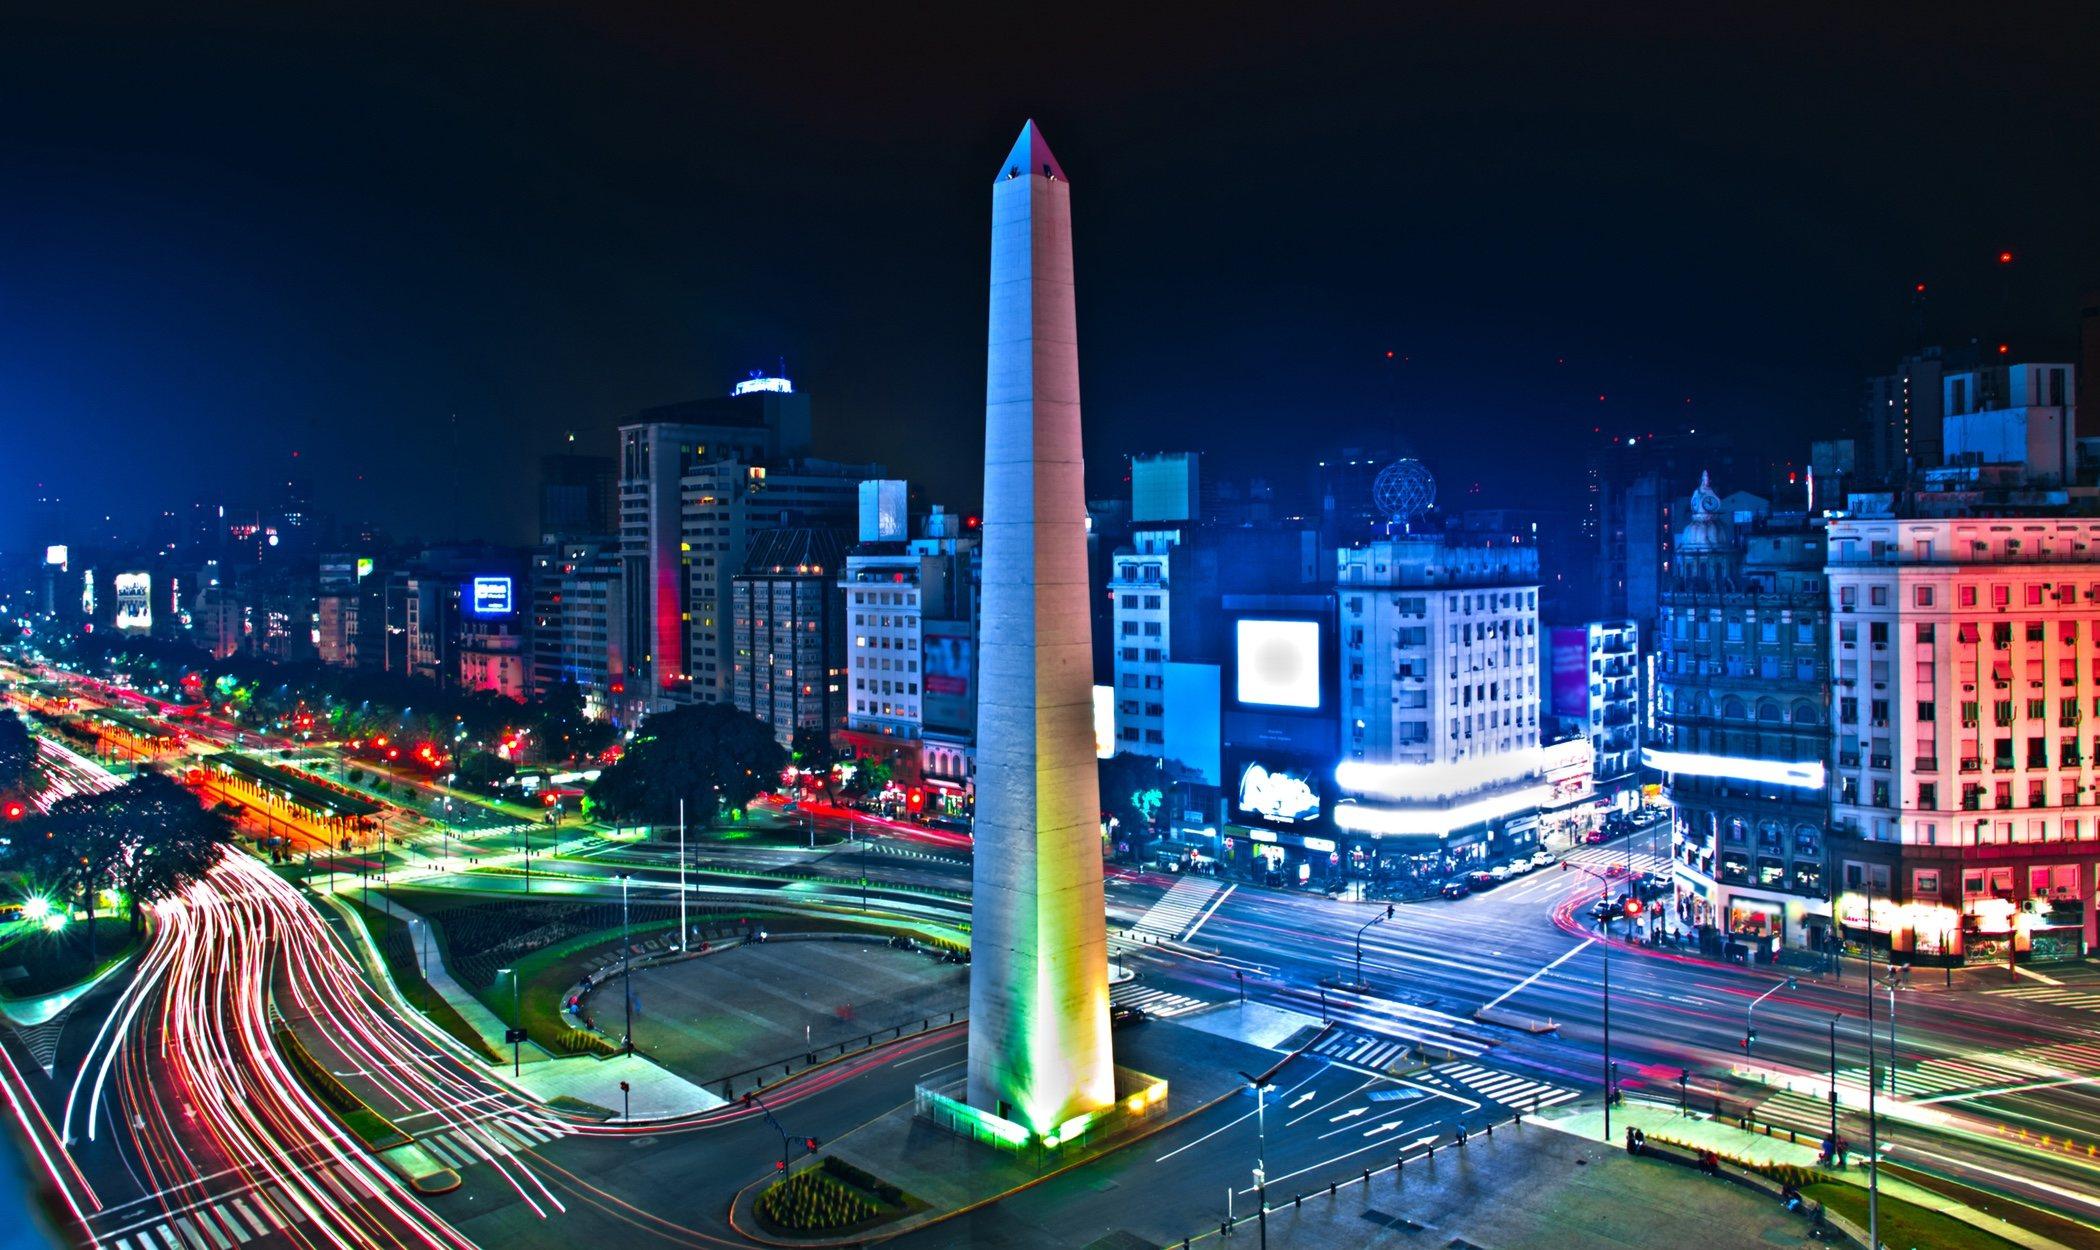 Navidades en Buenos Aires: así se viven estas fechas en pleno verano